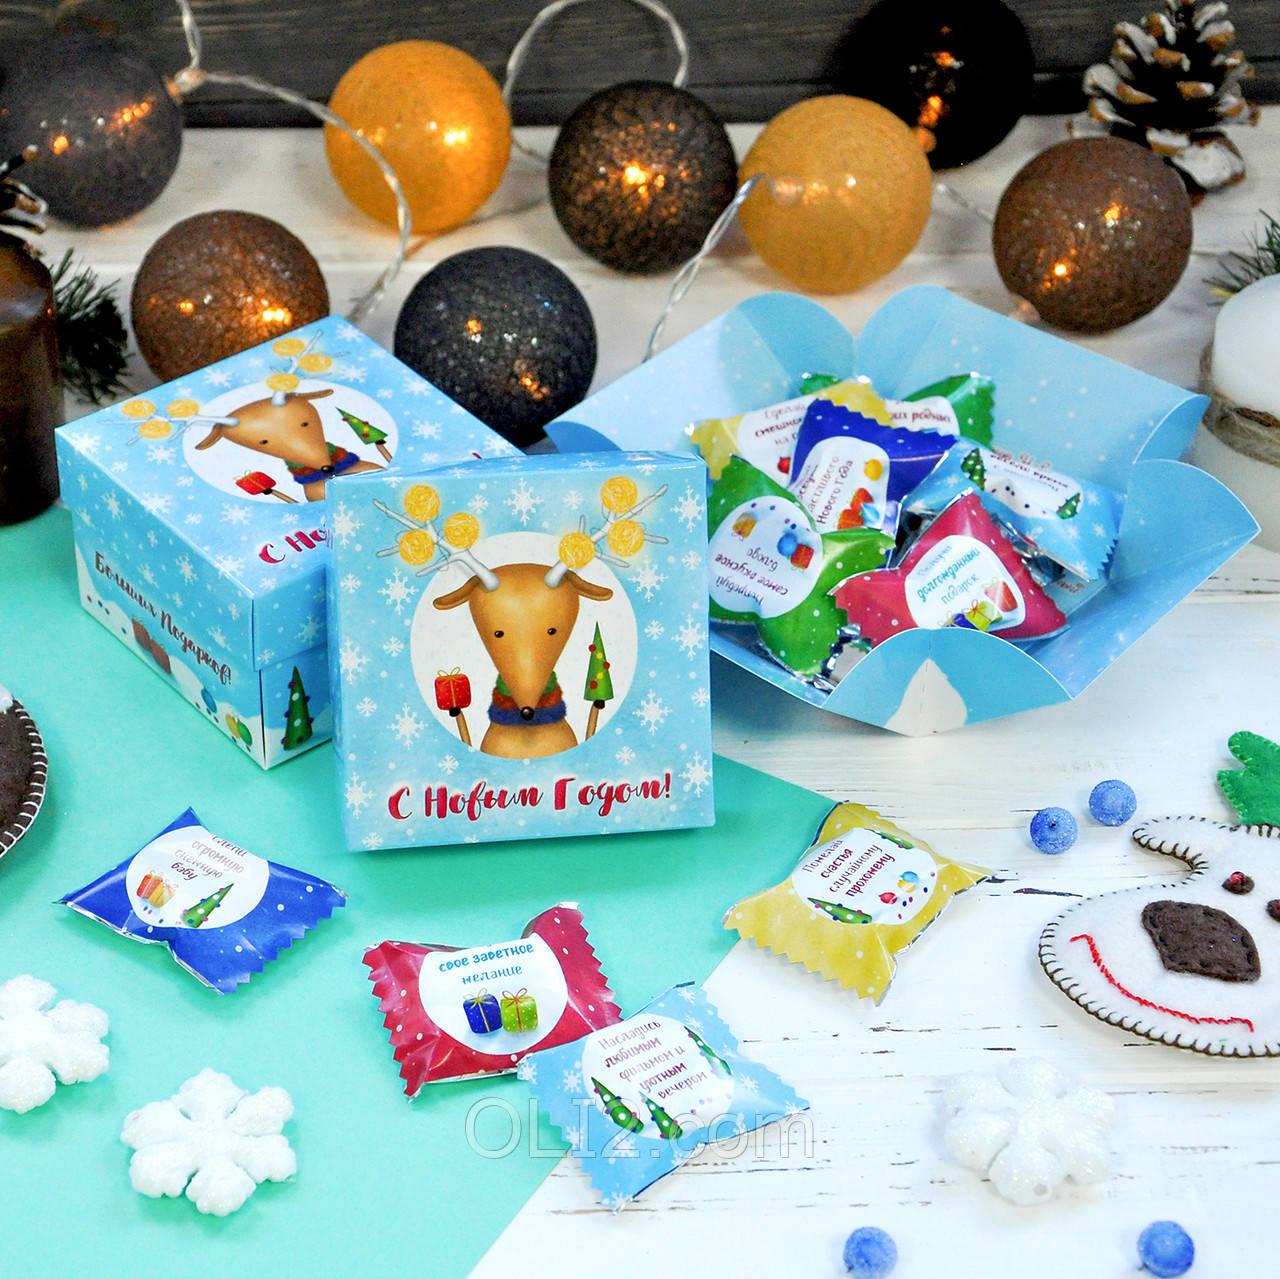 """Шоколадный куб """"Сновым годом"""" новогодний подарок"""